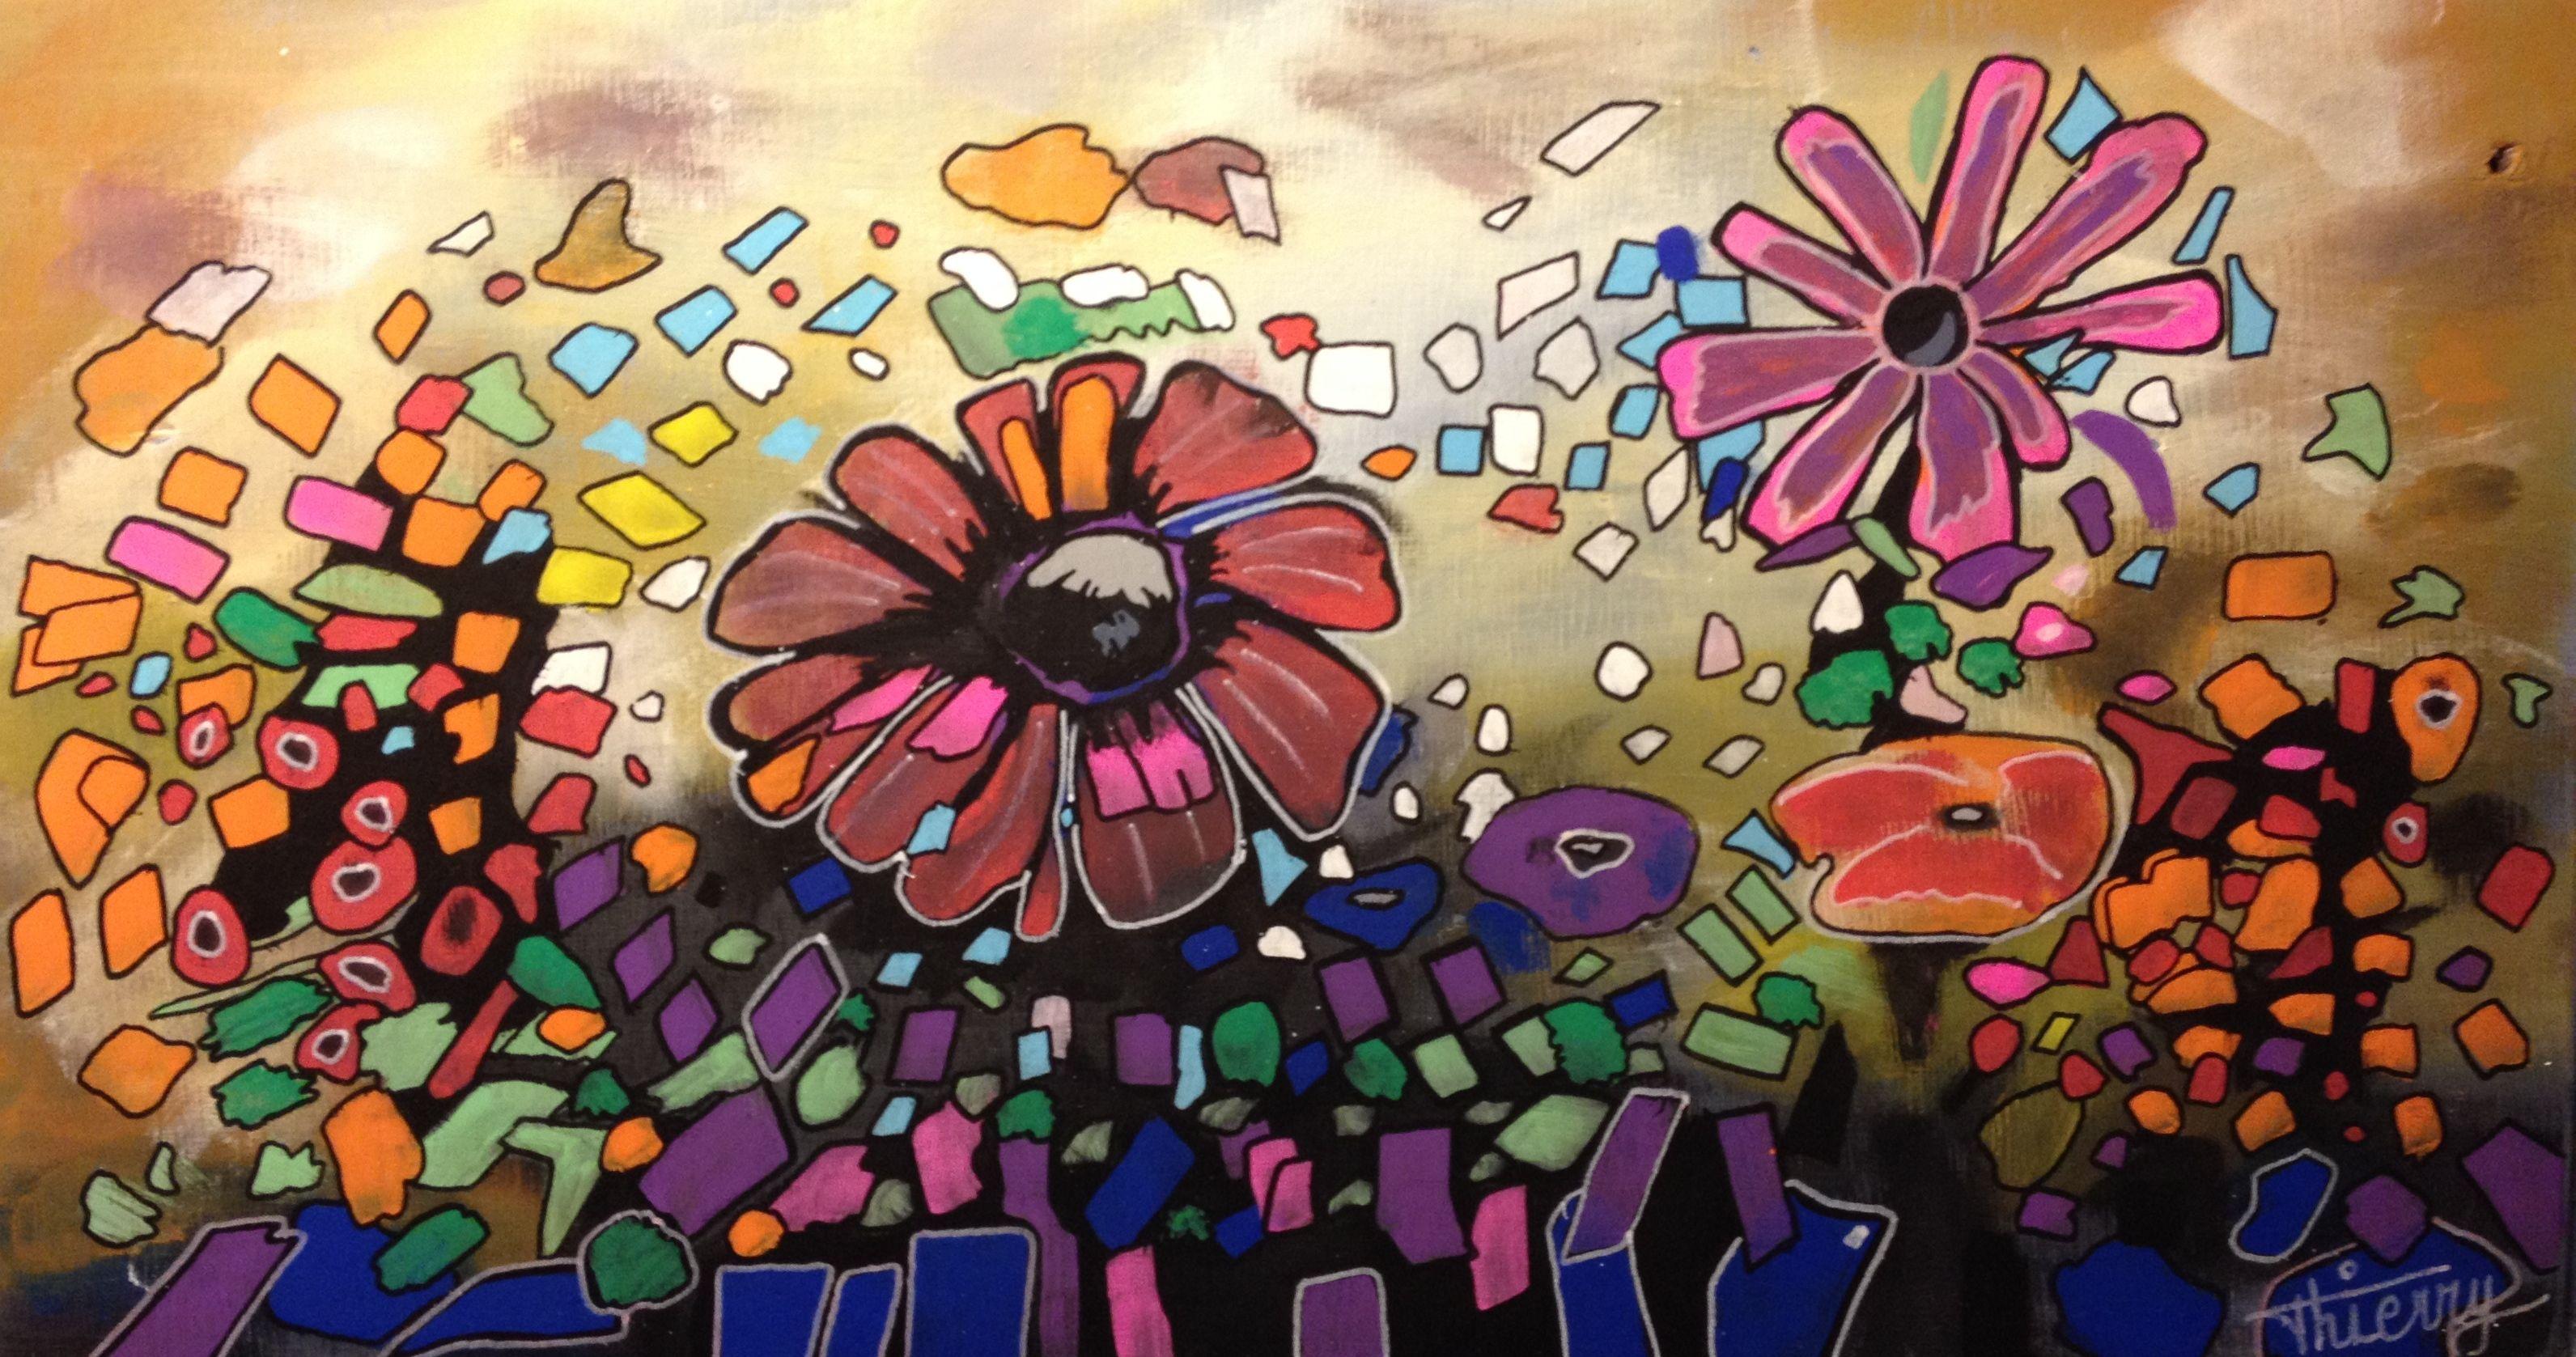 Essai floral aux multiples couleurs. Je pense qu'il faudrait réduire le nombre de couleurs et garder le côté mouvement. A réessayer.